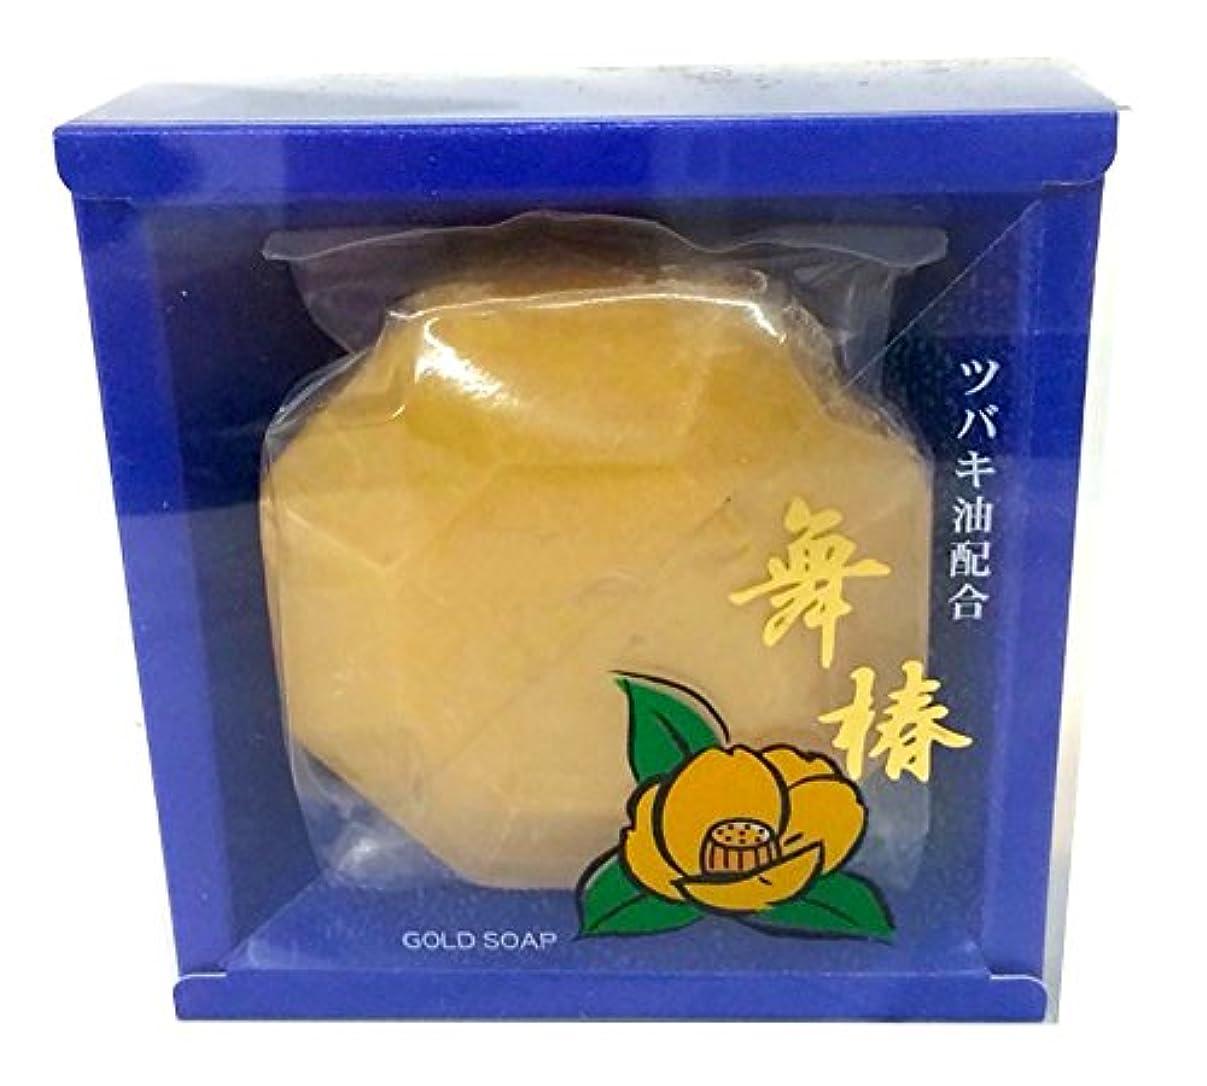 宿題をする然とした作動する舞椿ゴールドソープ (ツバキオイル配合)110g